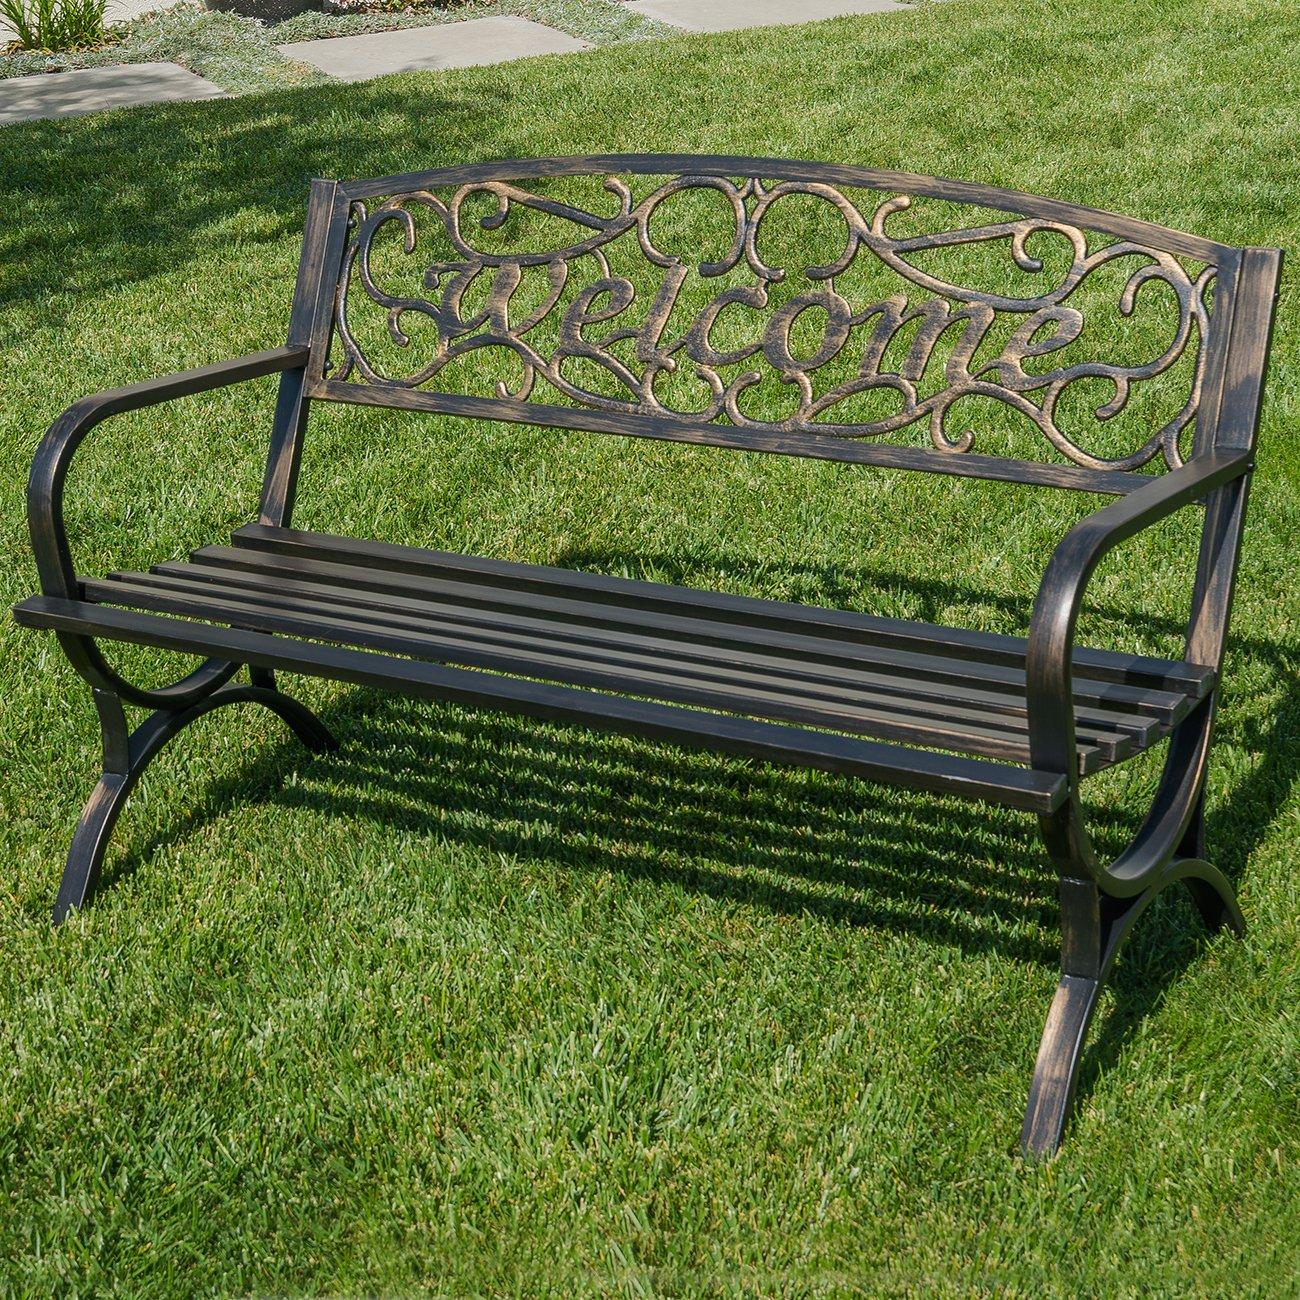 Belleze 50'' Welcome Vines Decorative Patio Garden Outdoor Park Bench Seat Backyard, Bronze